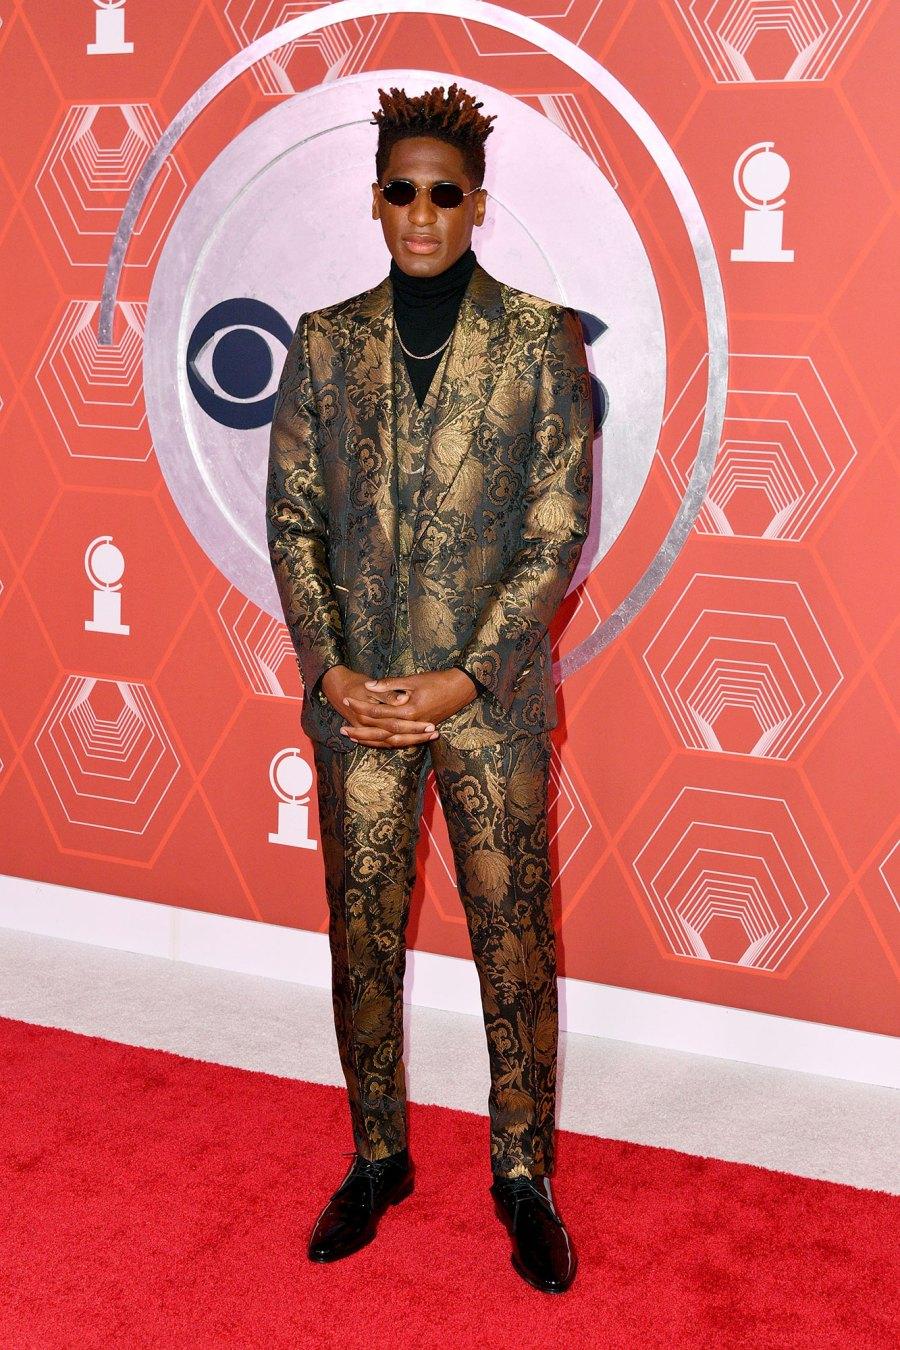 tony awards 2021 red carpet Arturo Holmes